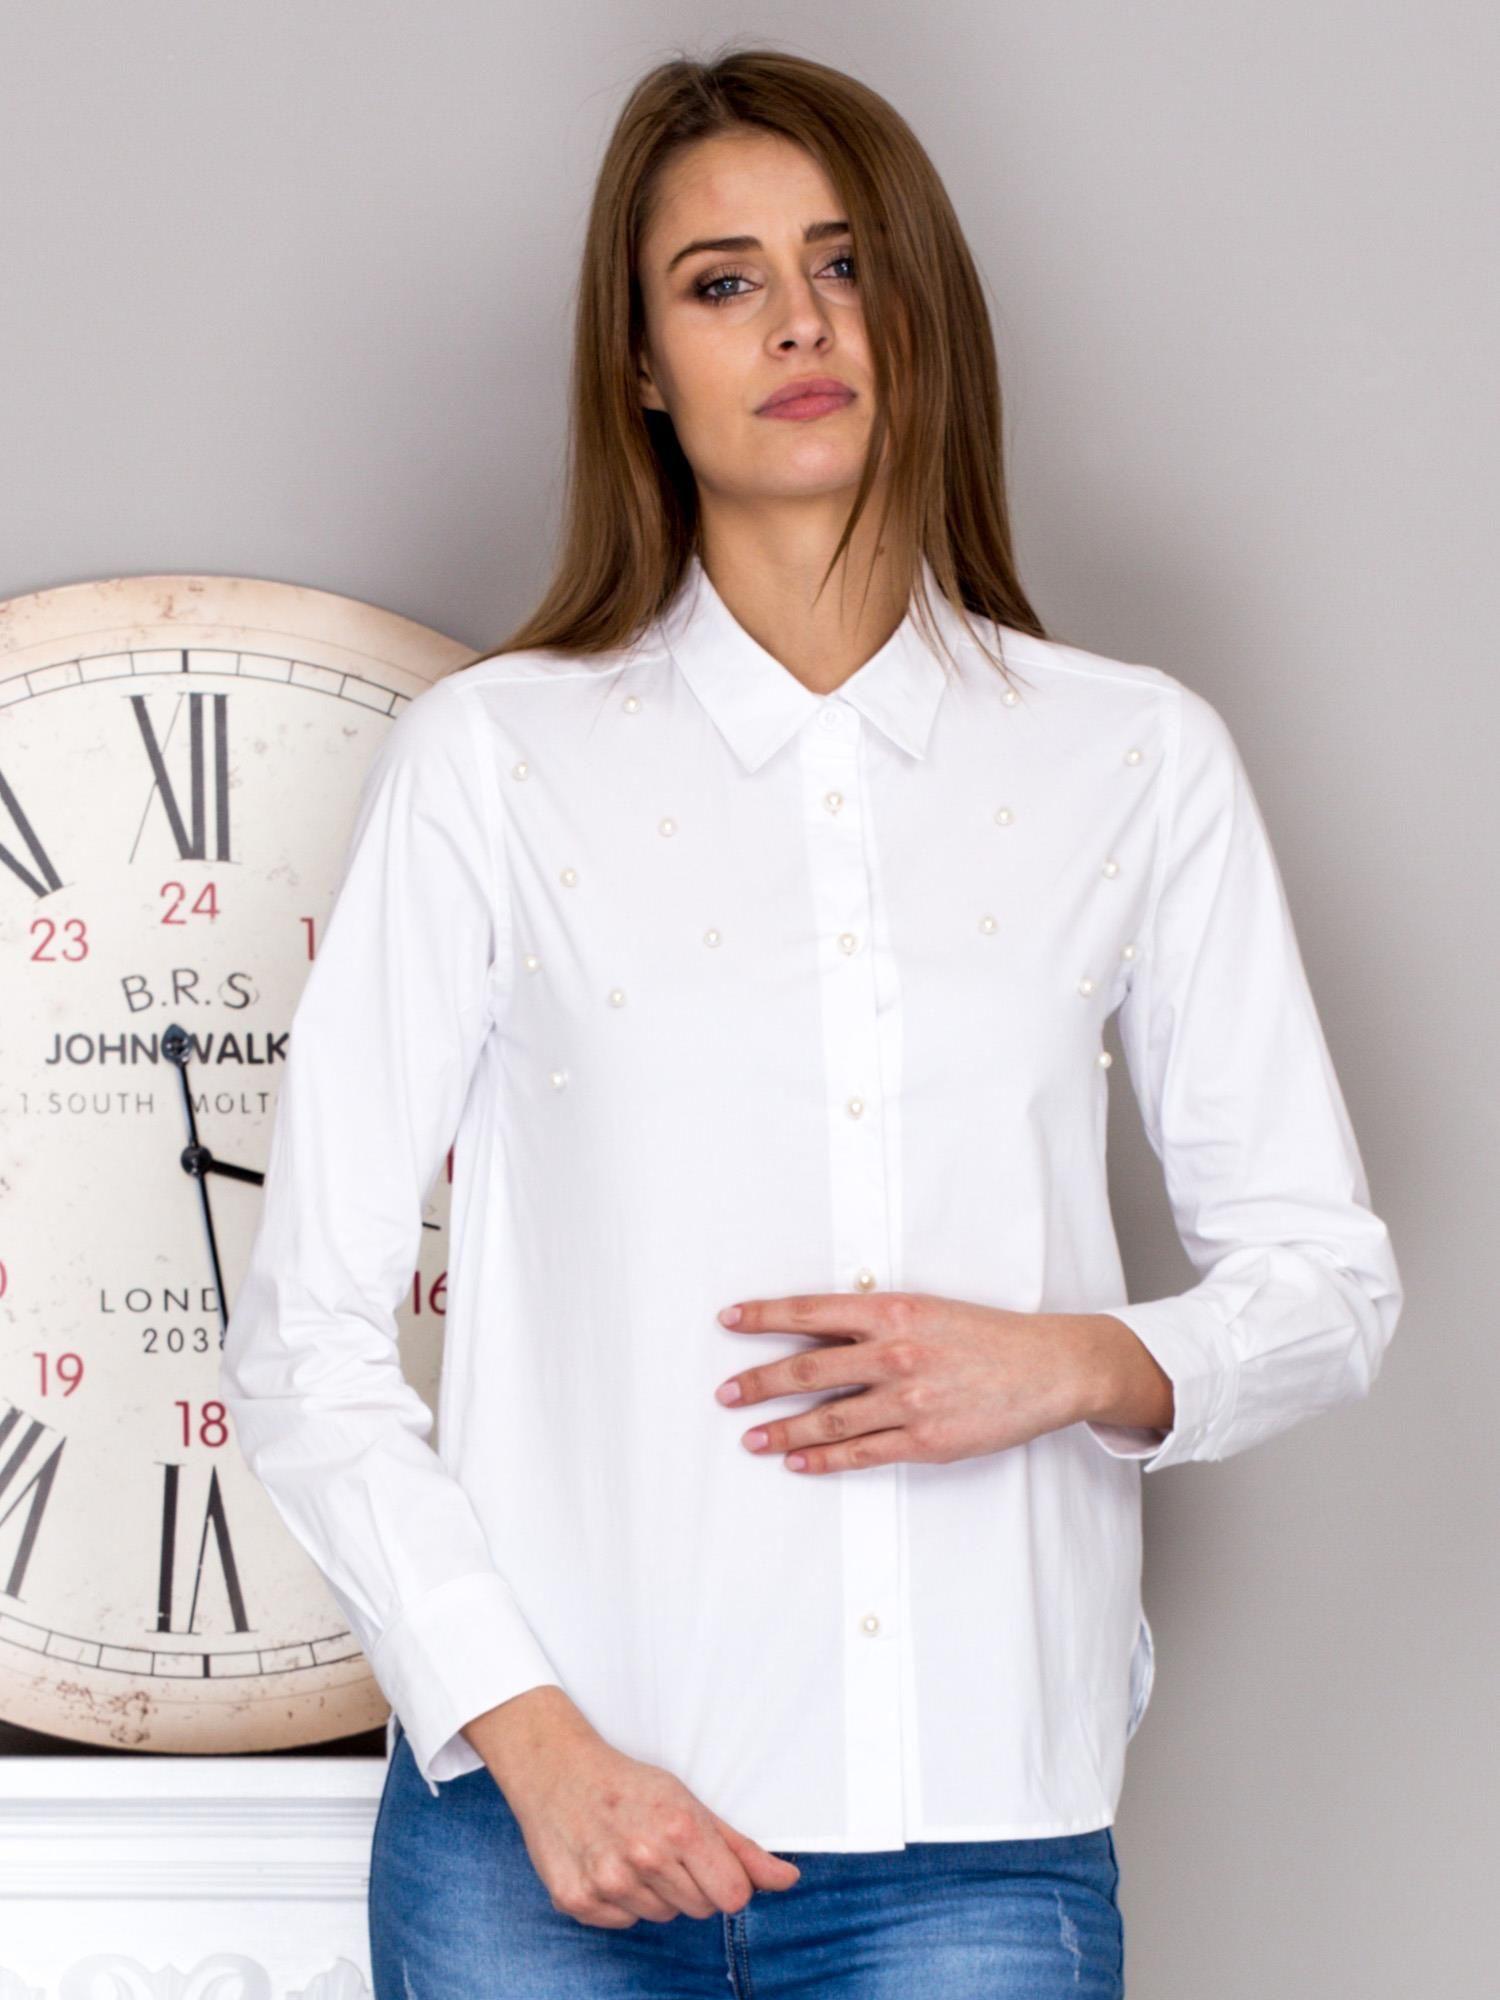 e61b7208e5d84 Koszula damska z perełkami biała - Koszula plus size - sklep eButik.pl